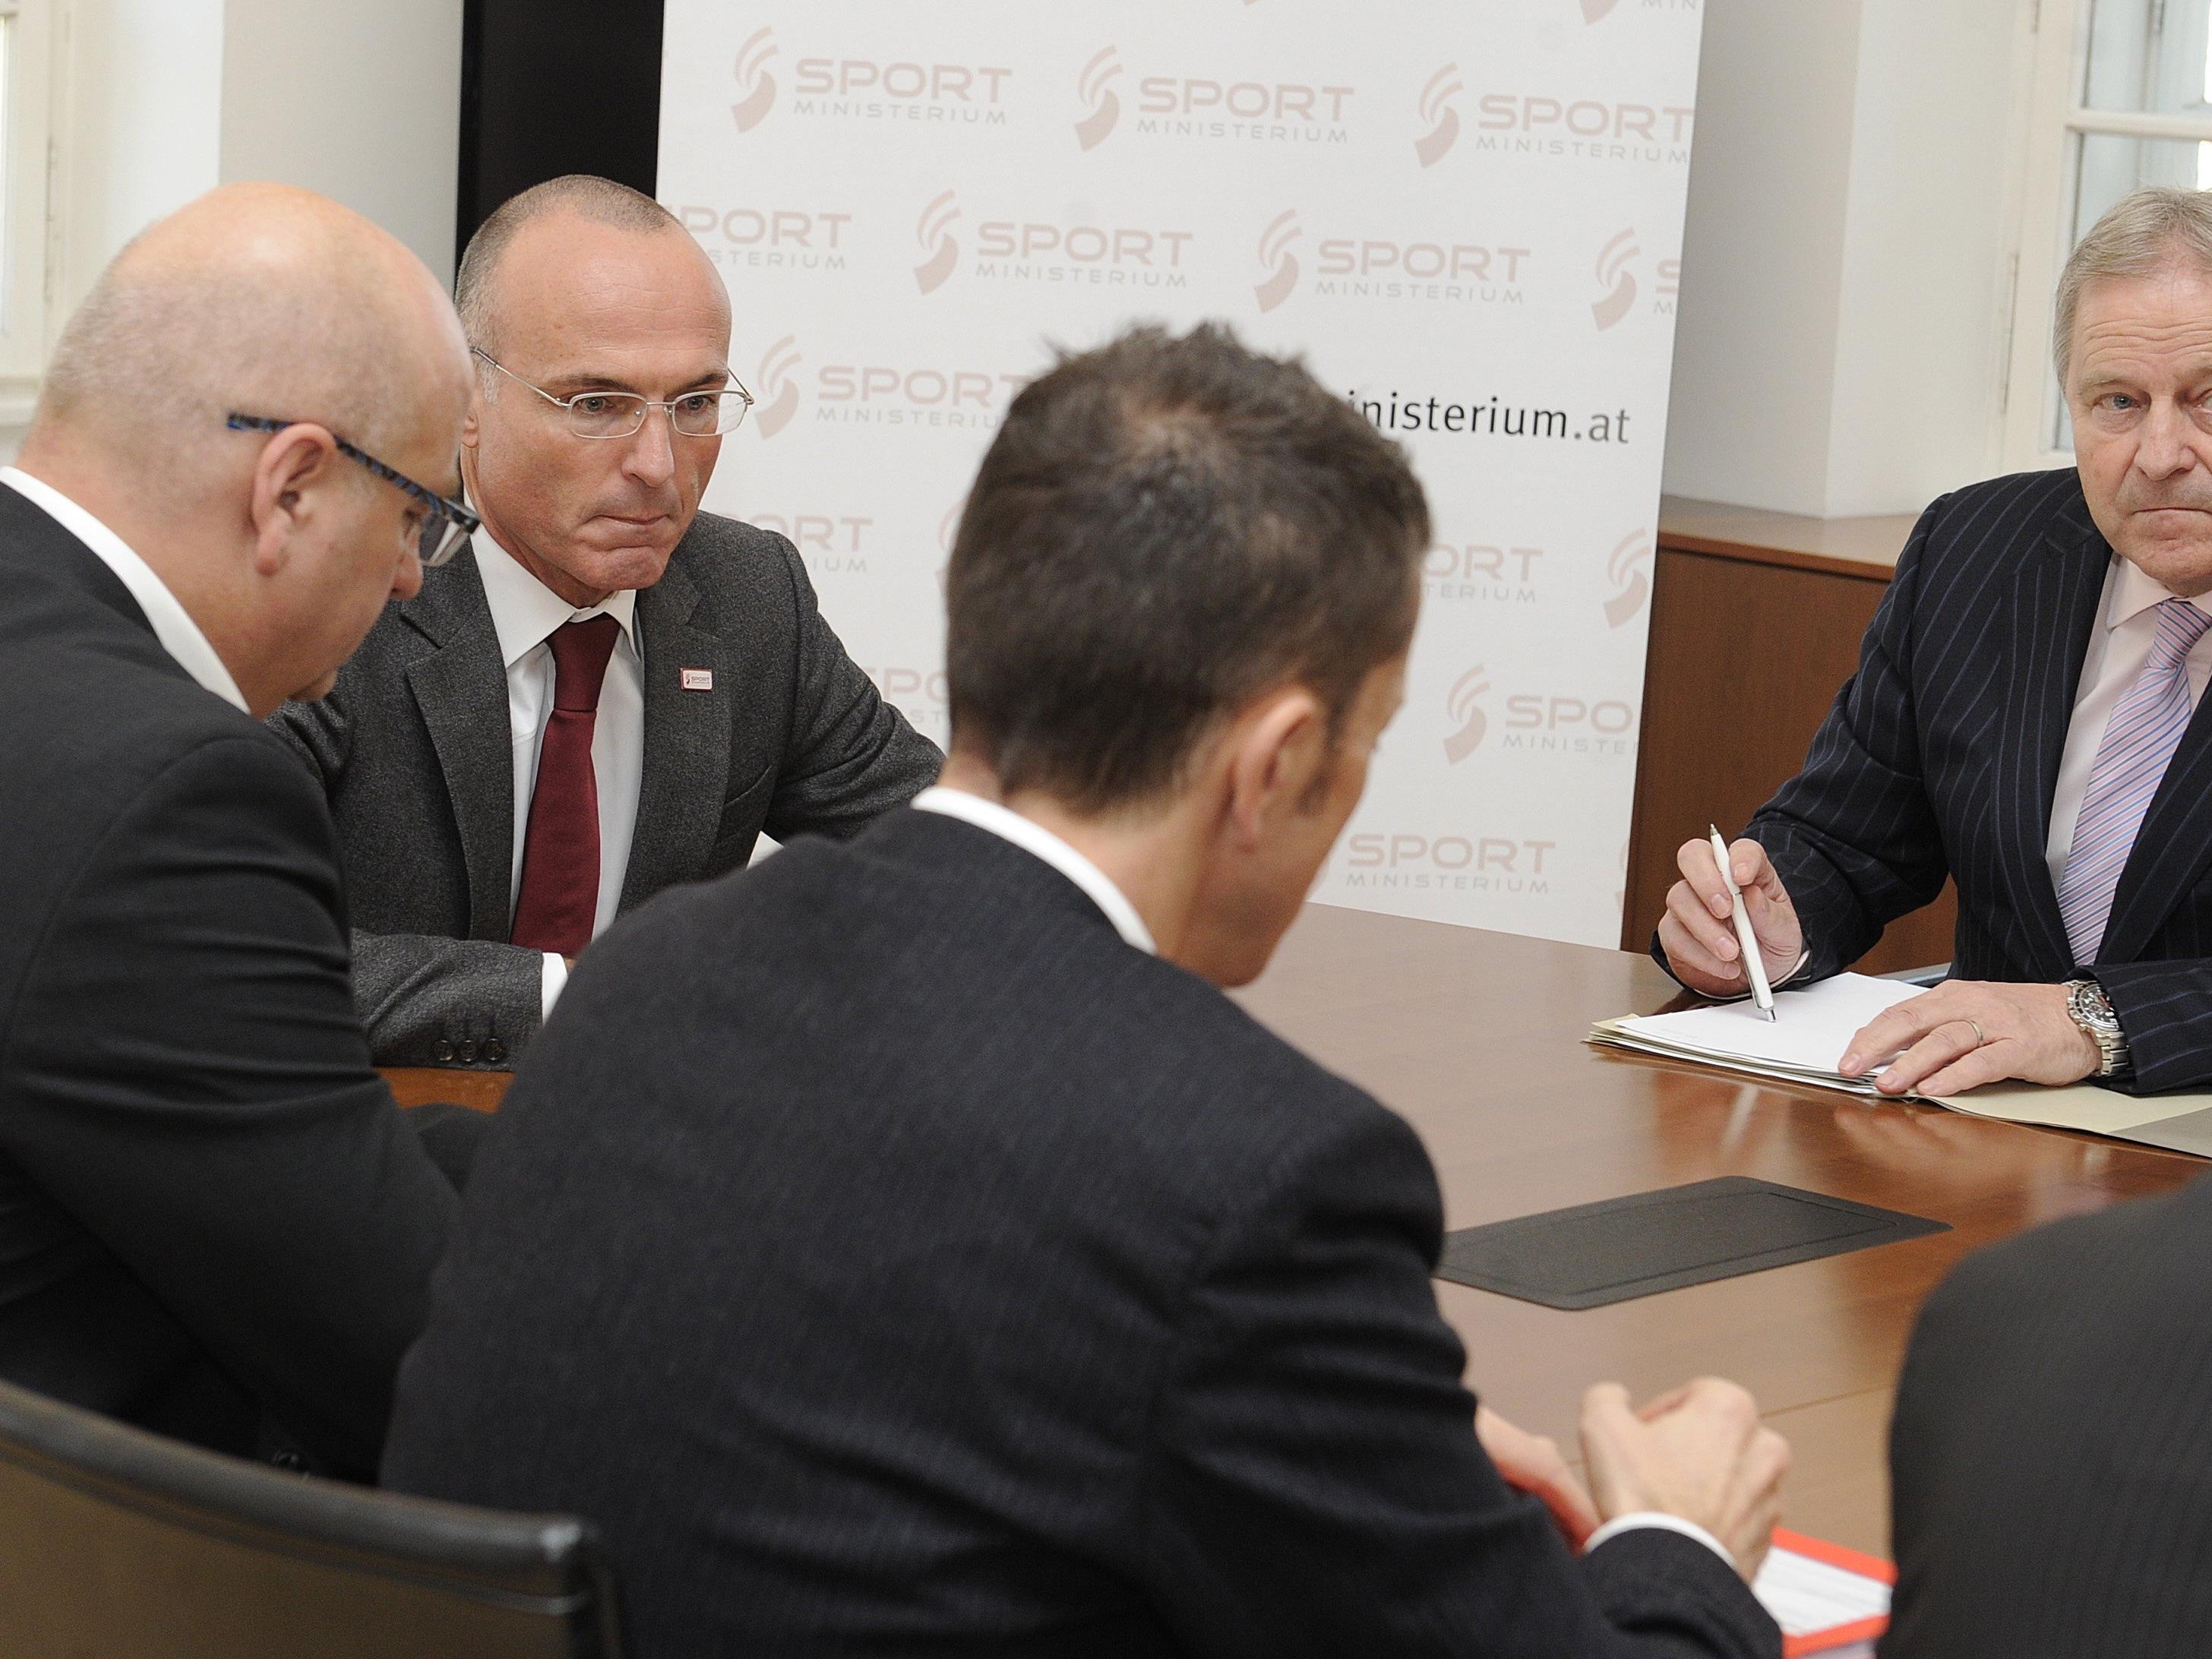 Das Thema Sicherheit bei der EURO wird beim ÖFB groß geschrieben.